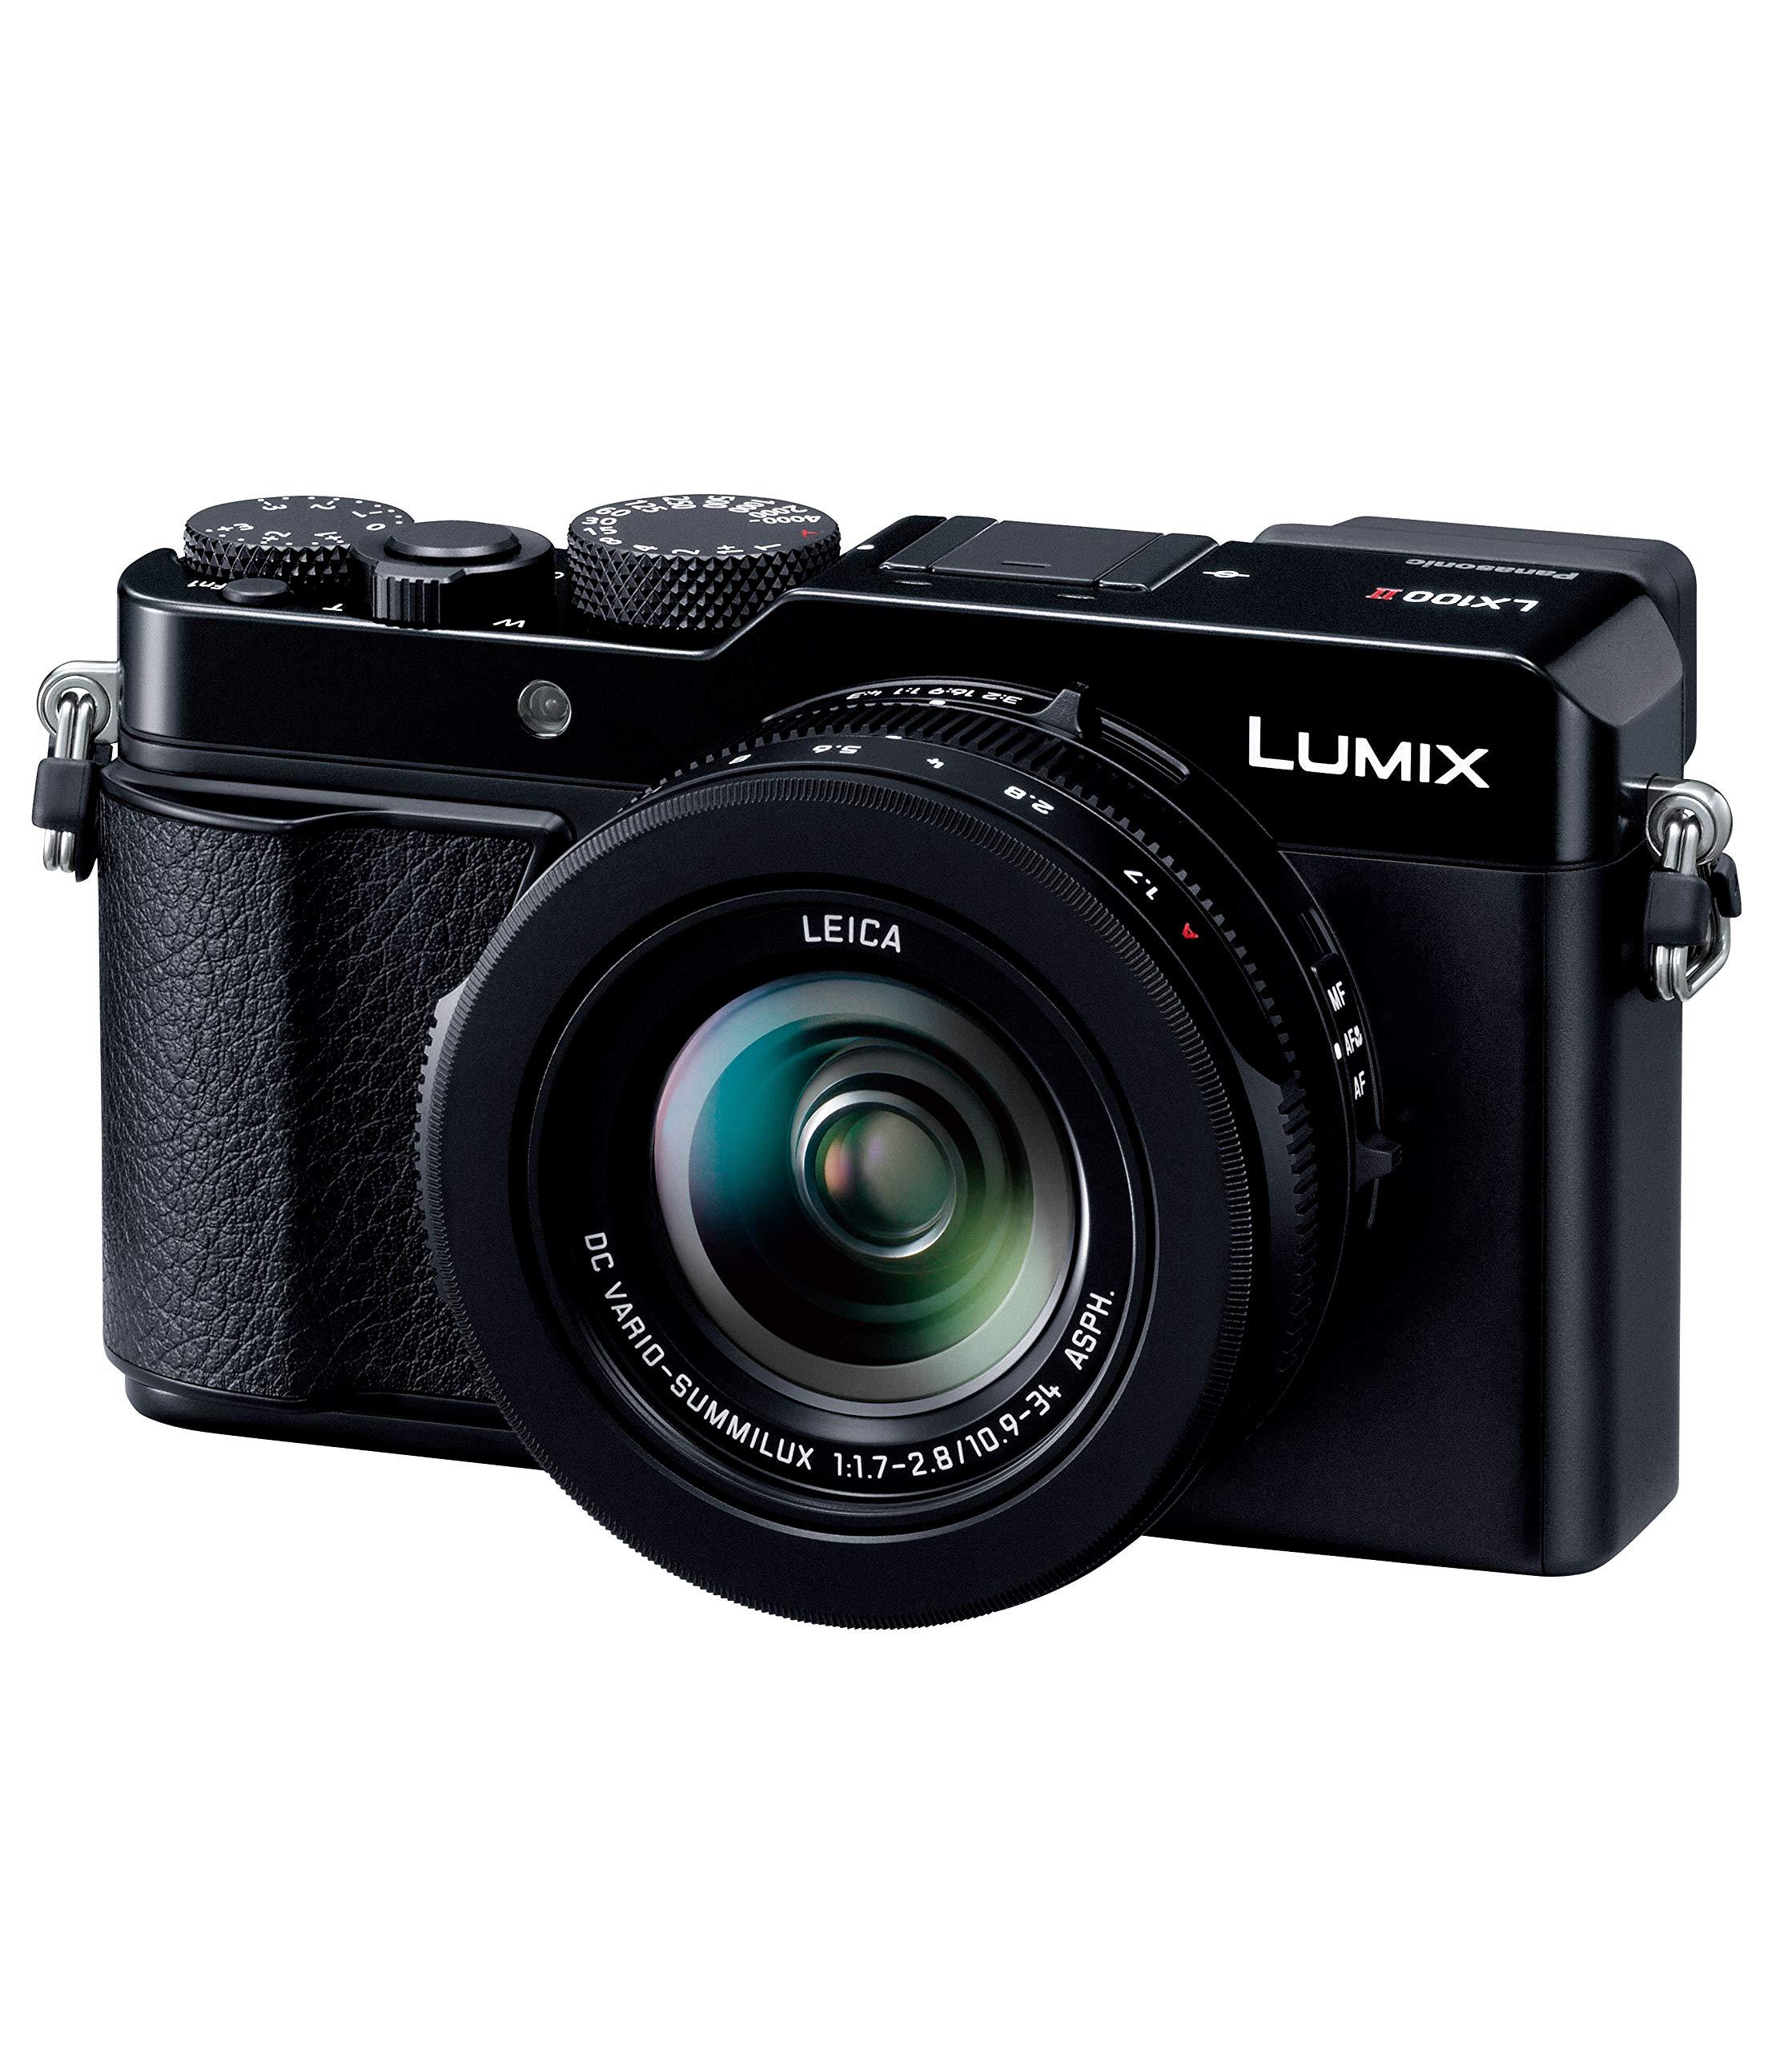 パナソニック デジタルカメラ LUMIX LX100 II ブラック DC-LX100M2 1台